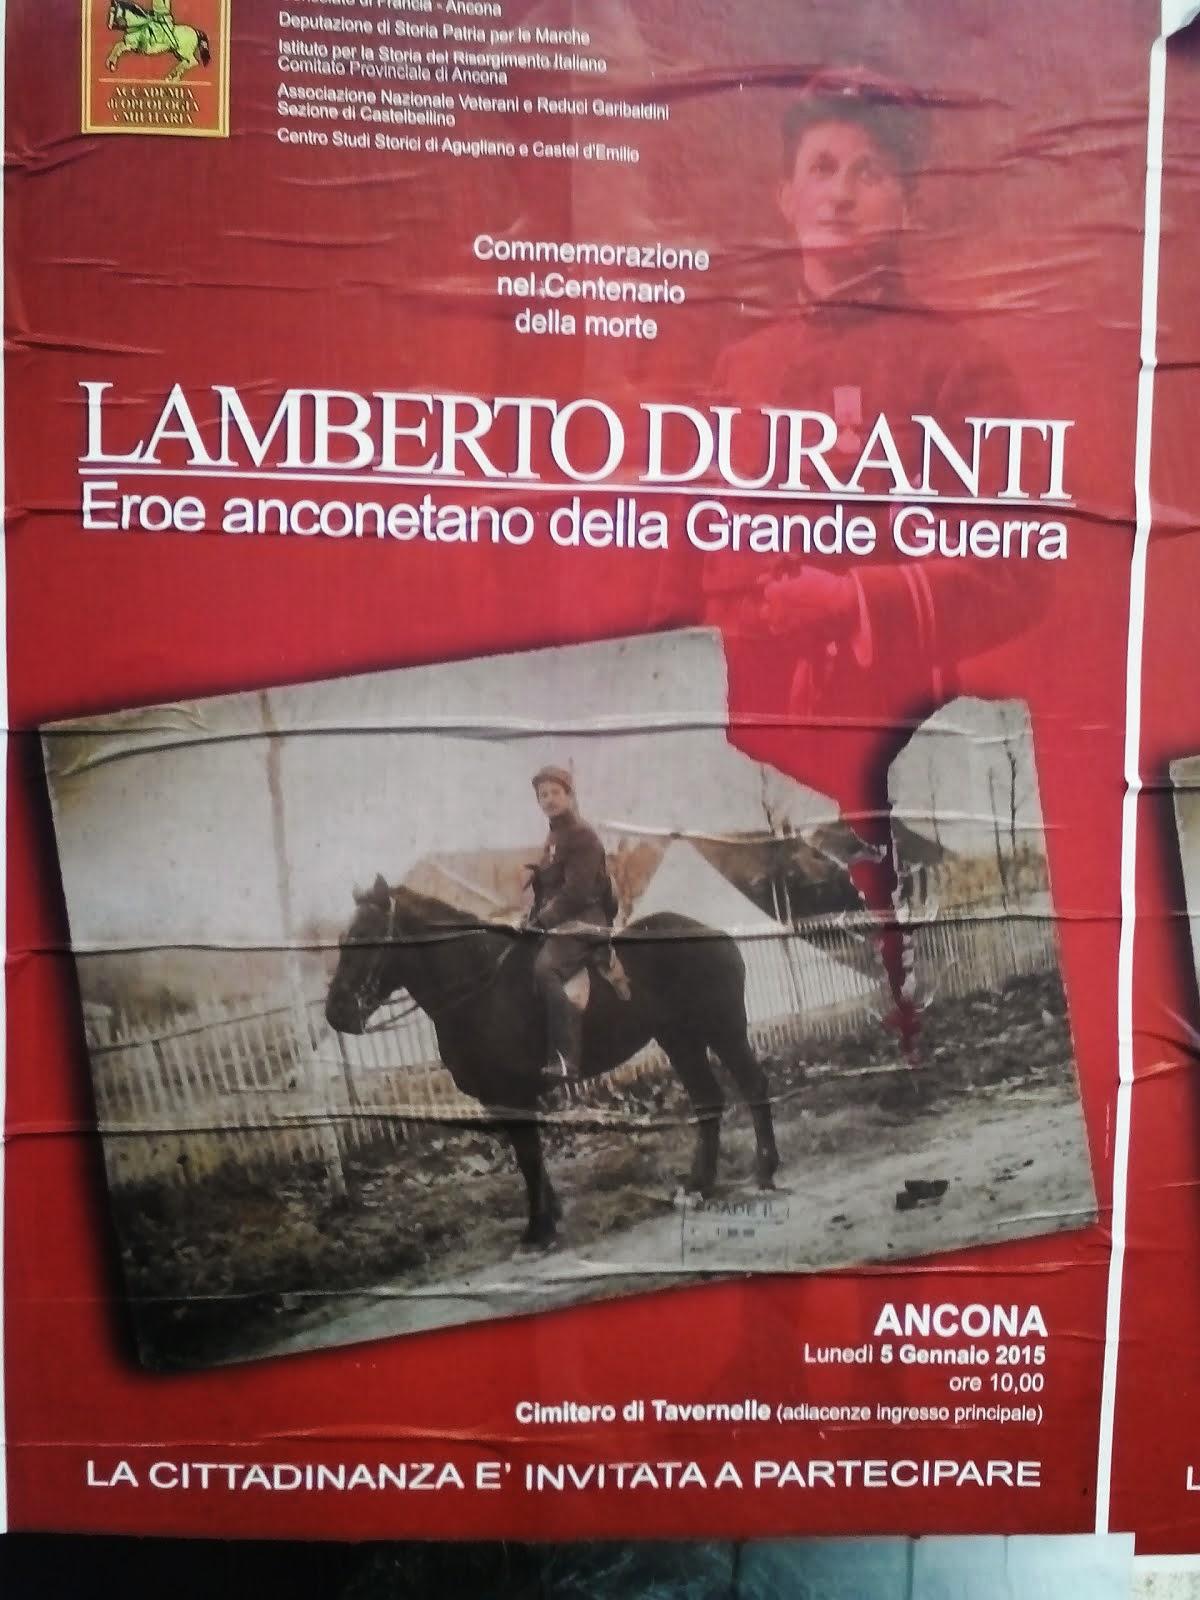 Lamberto Duranti